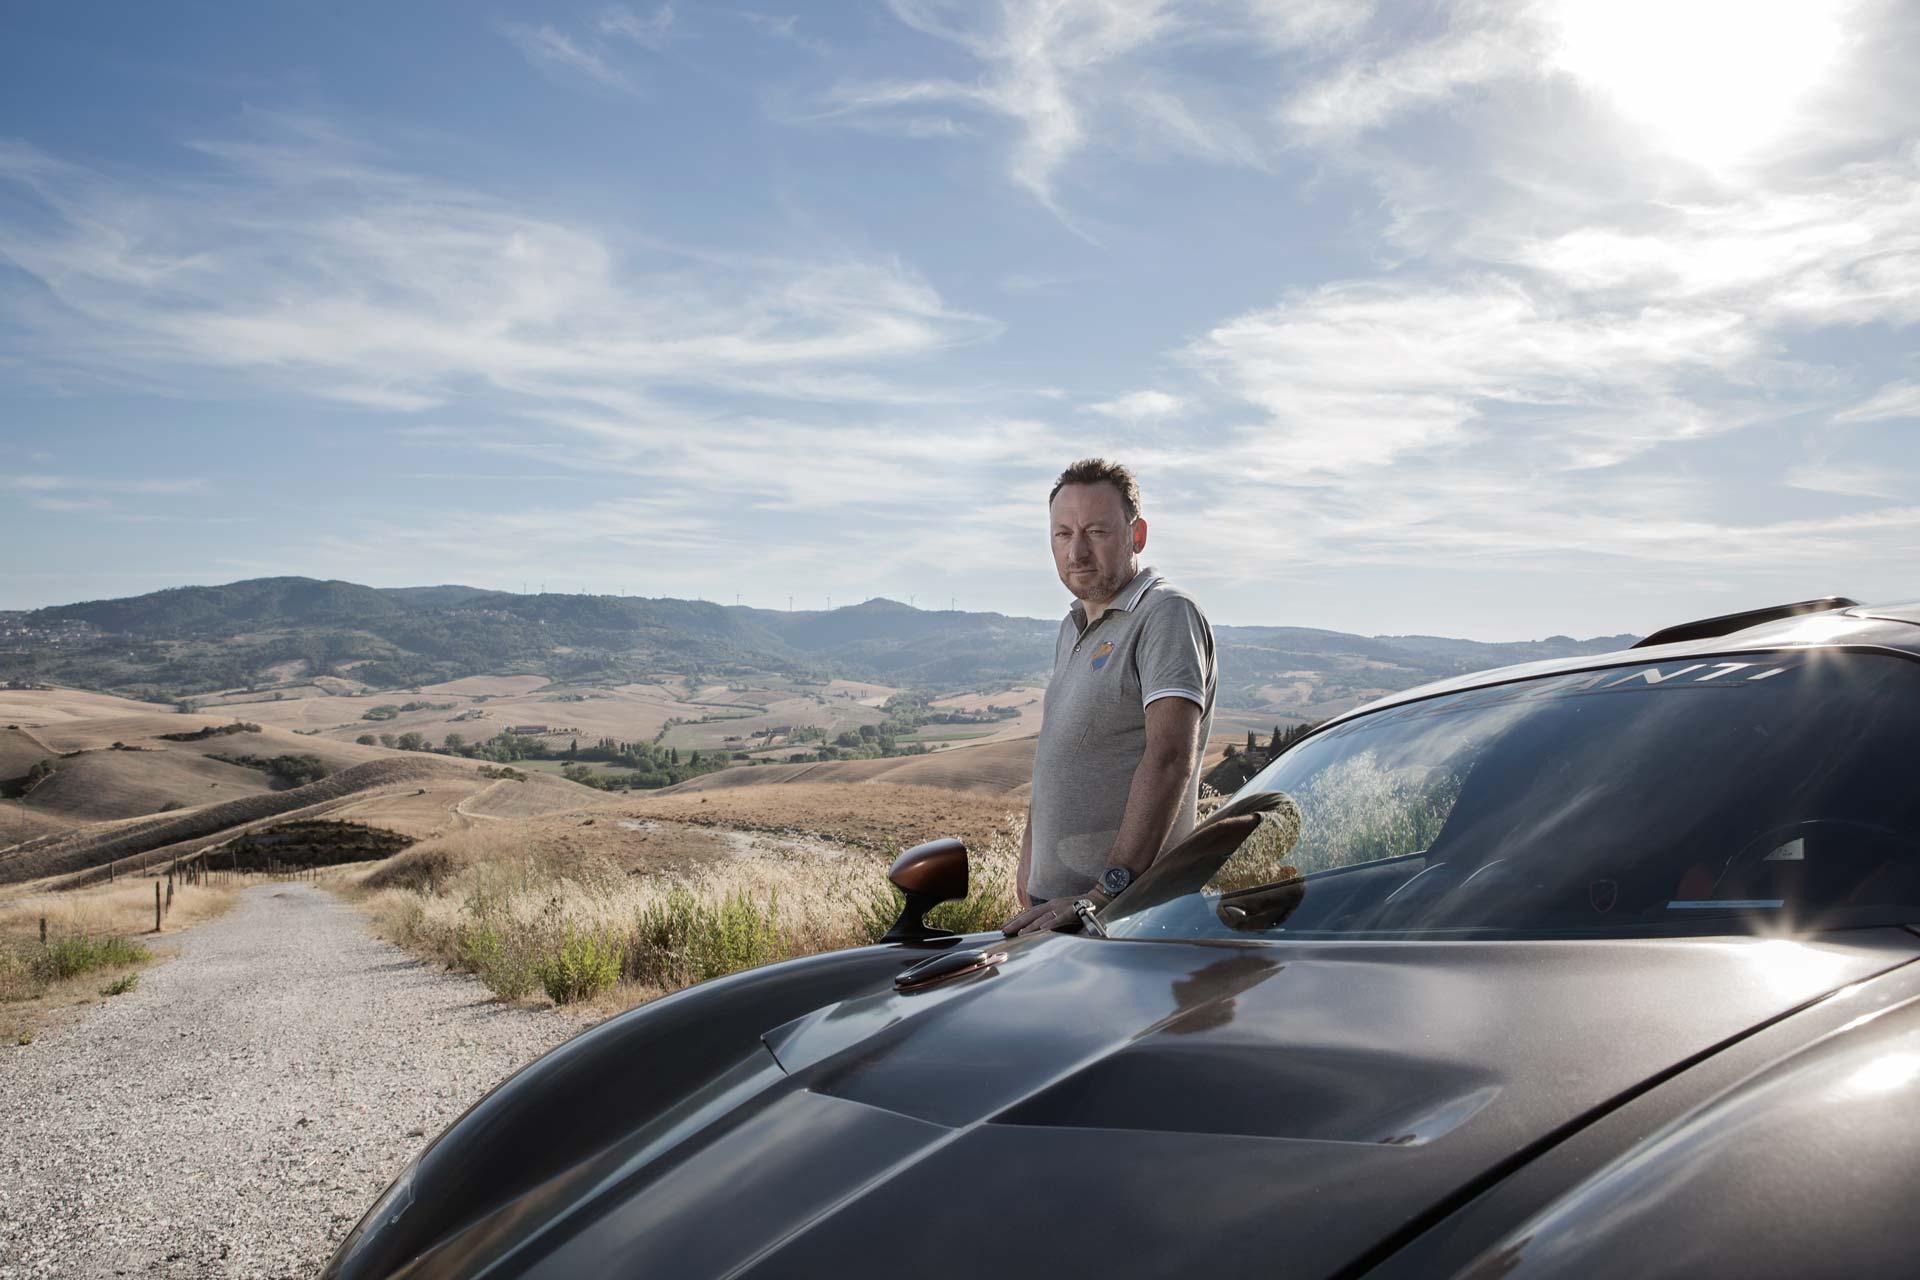 ritratto- di imprenditore luca mazzanti automobili